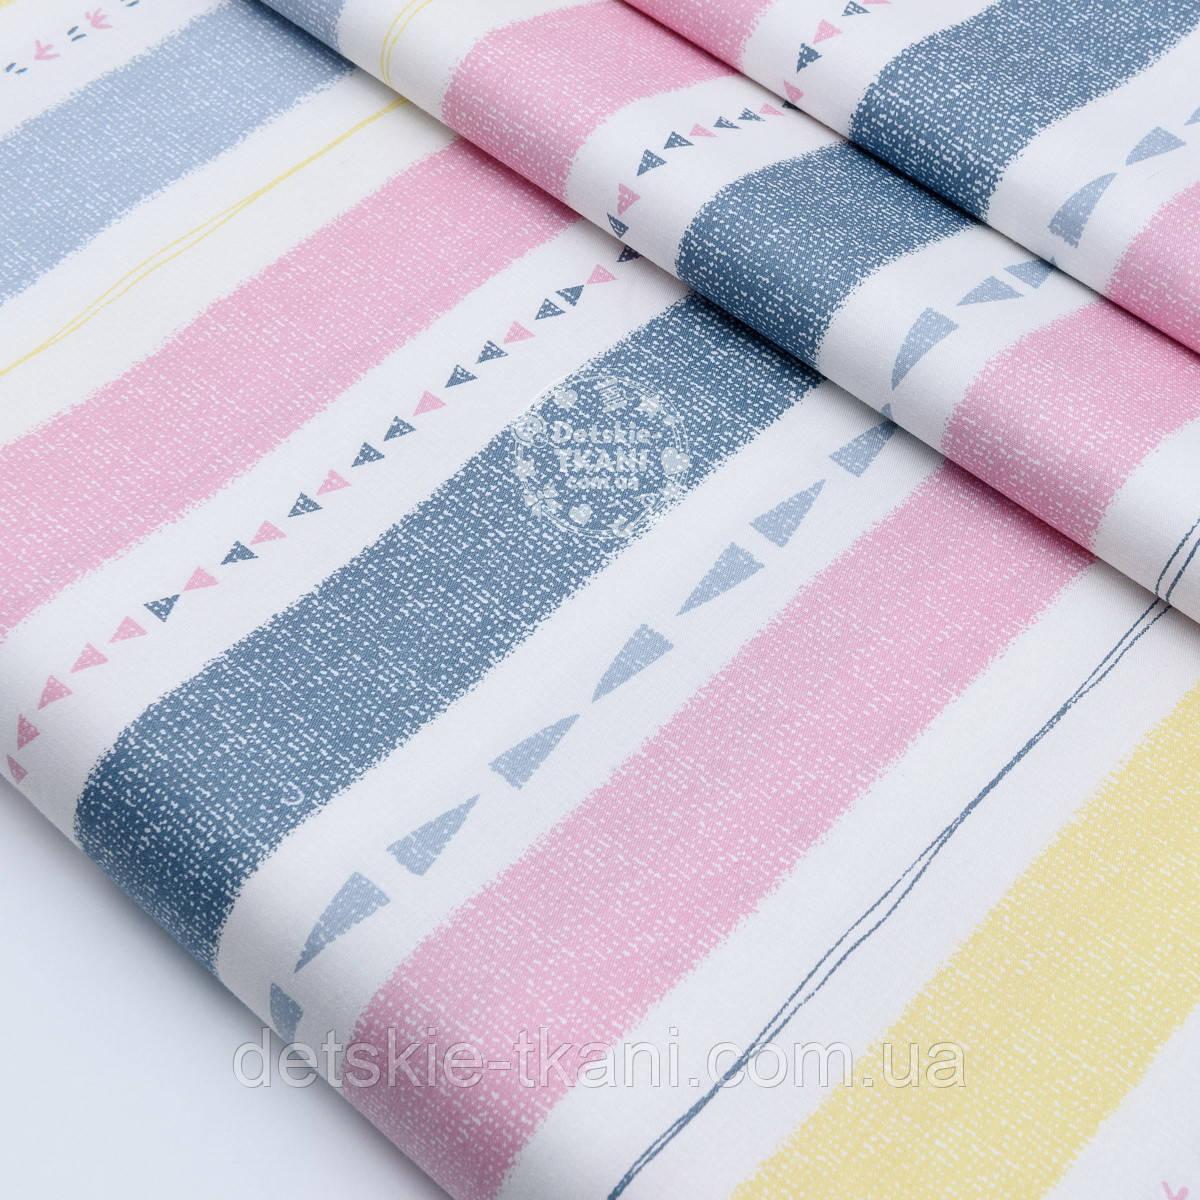 """Сатин ткань """"Полосы и стрелки"""" жёлтые, розовые и серые на белом, № 1722с"""